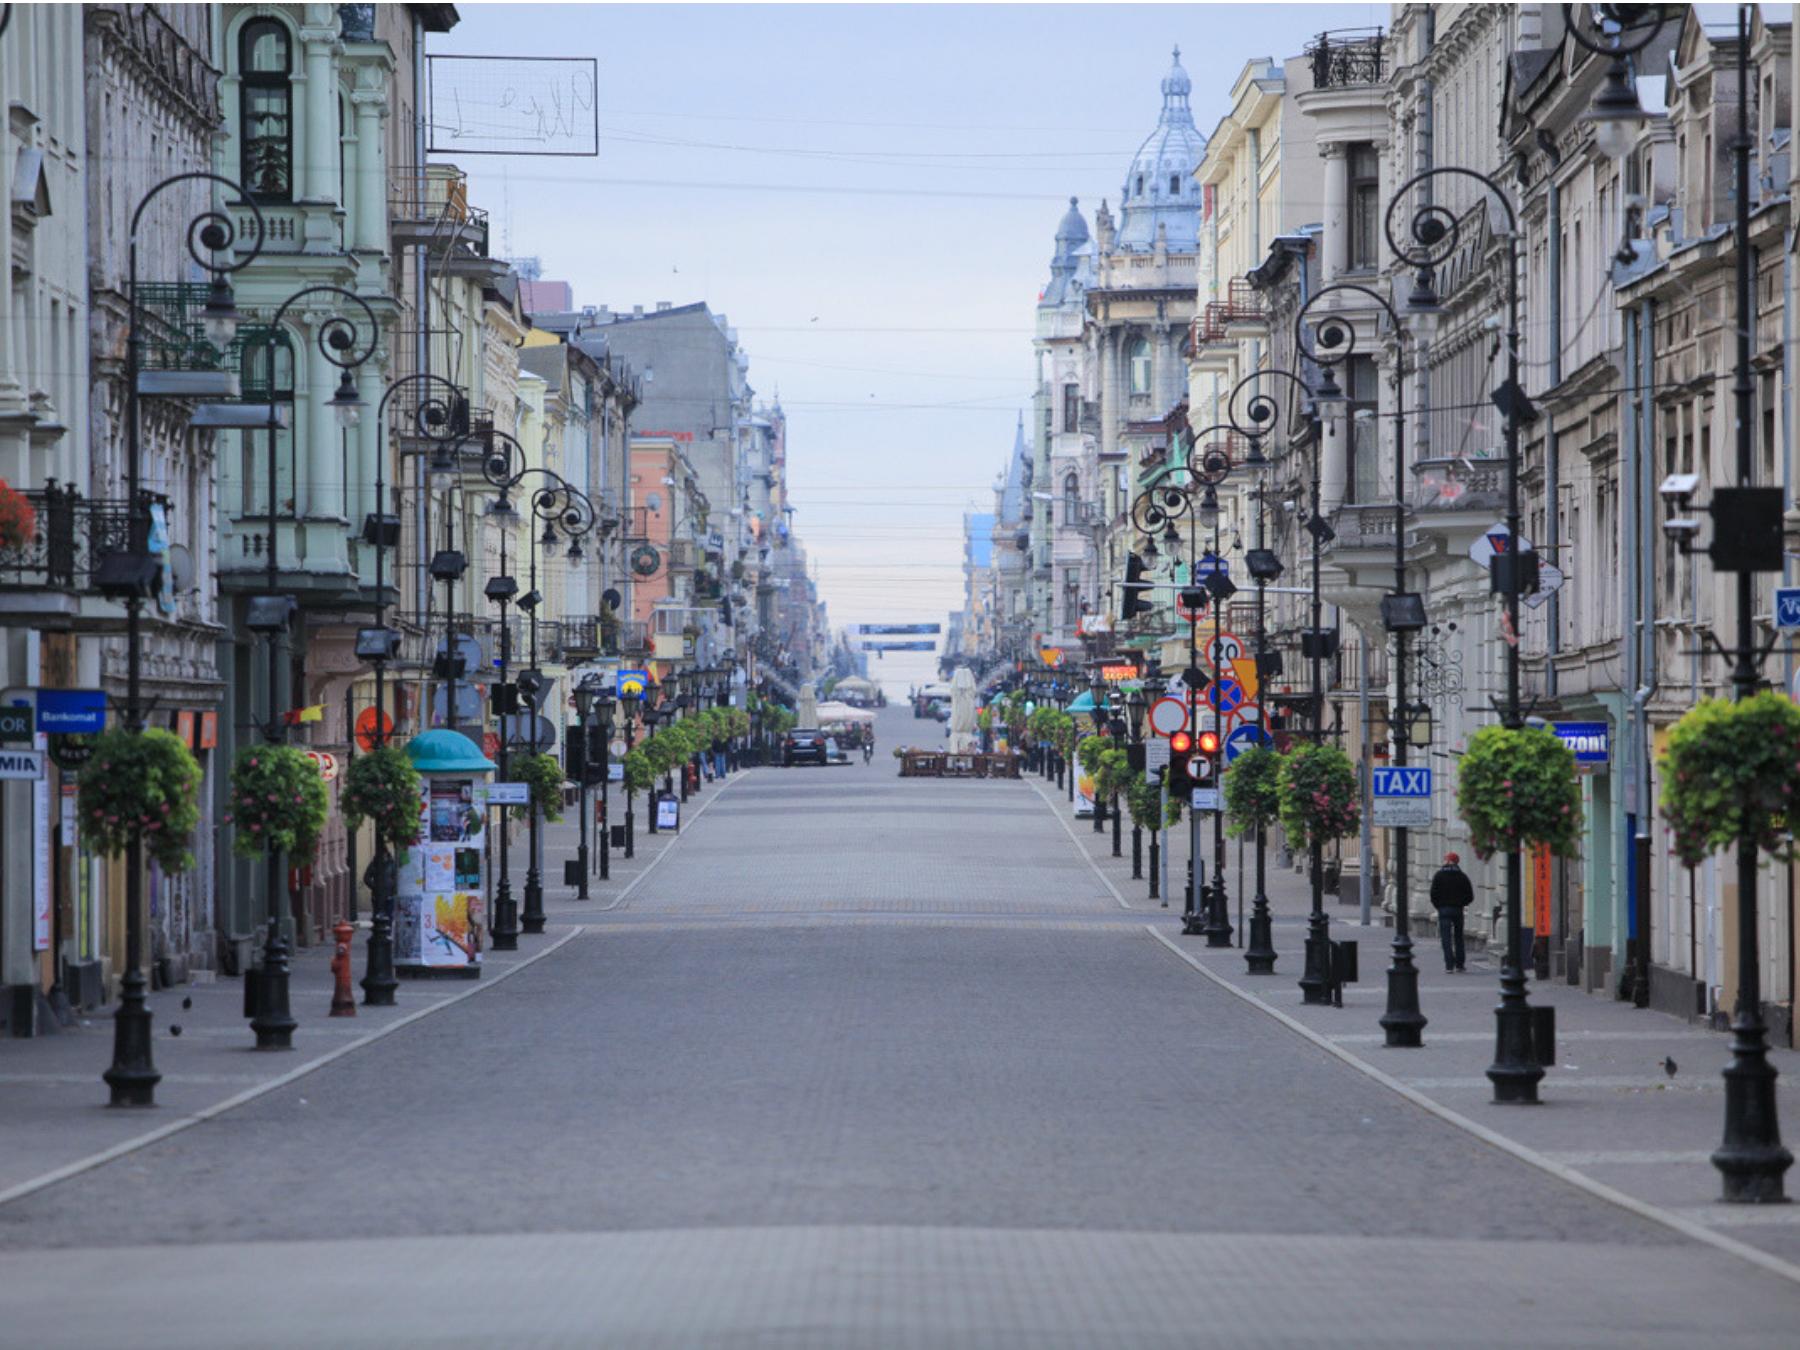 15-melhores-lugares-para-viajar-esse-ano-2019-Lodz 15 melhores lugares para viajar (melhor custo)